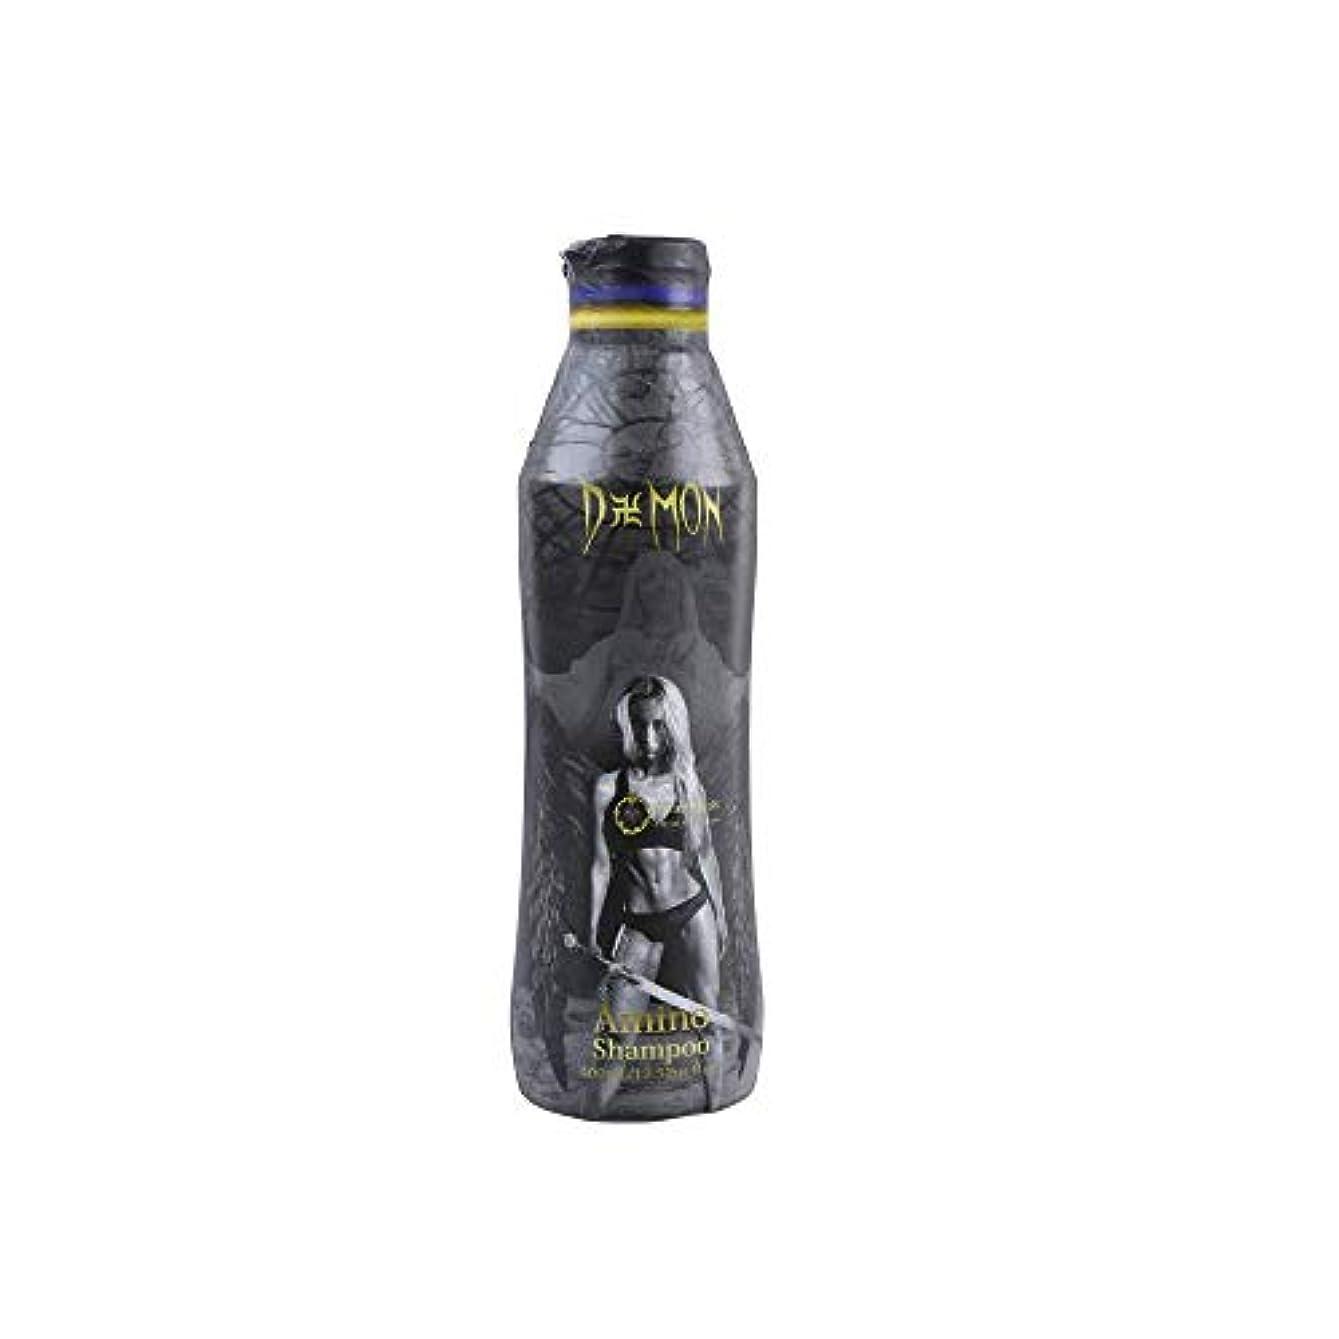 顧問請求アセンブリDaemon アミノシャンプー ユニセックス 400mL CREAM SODAの香り